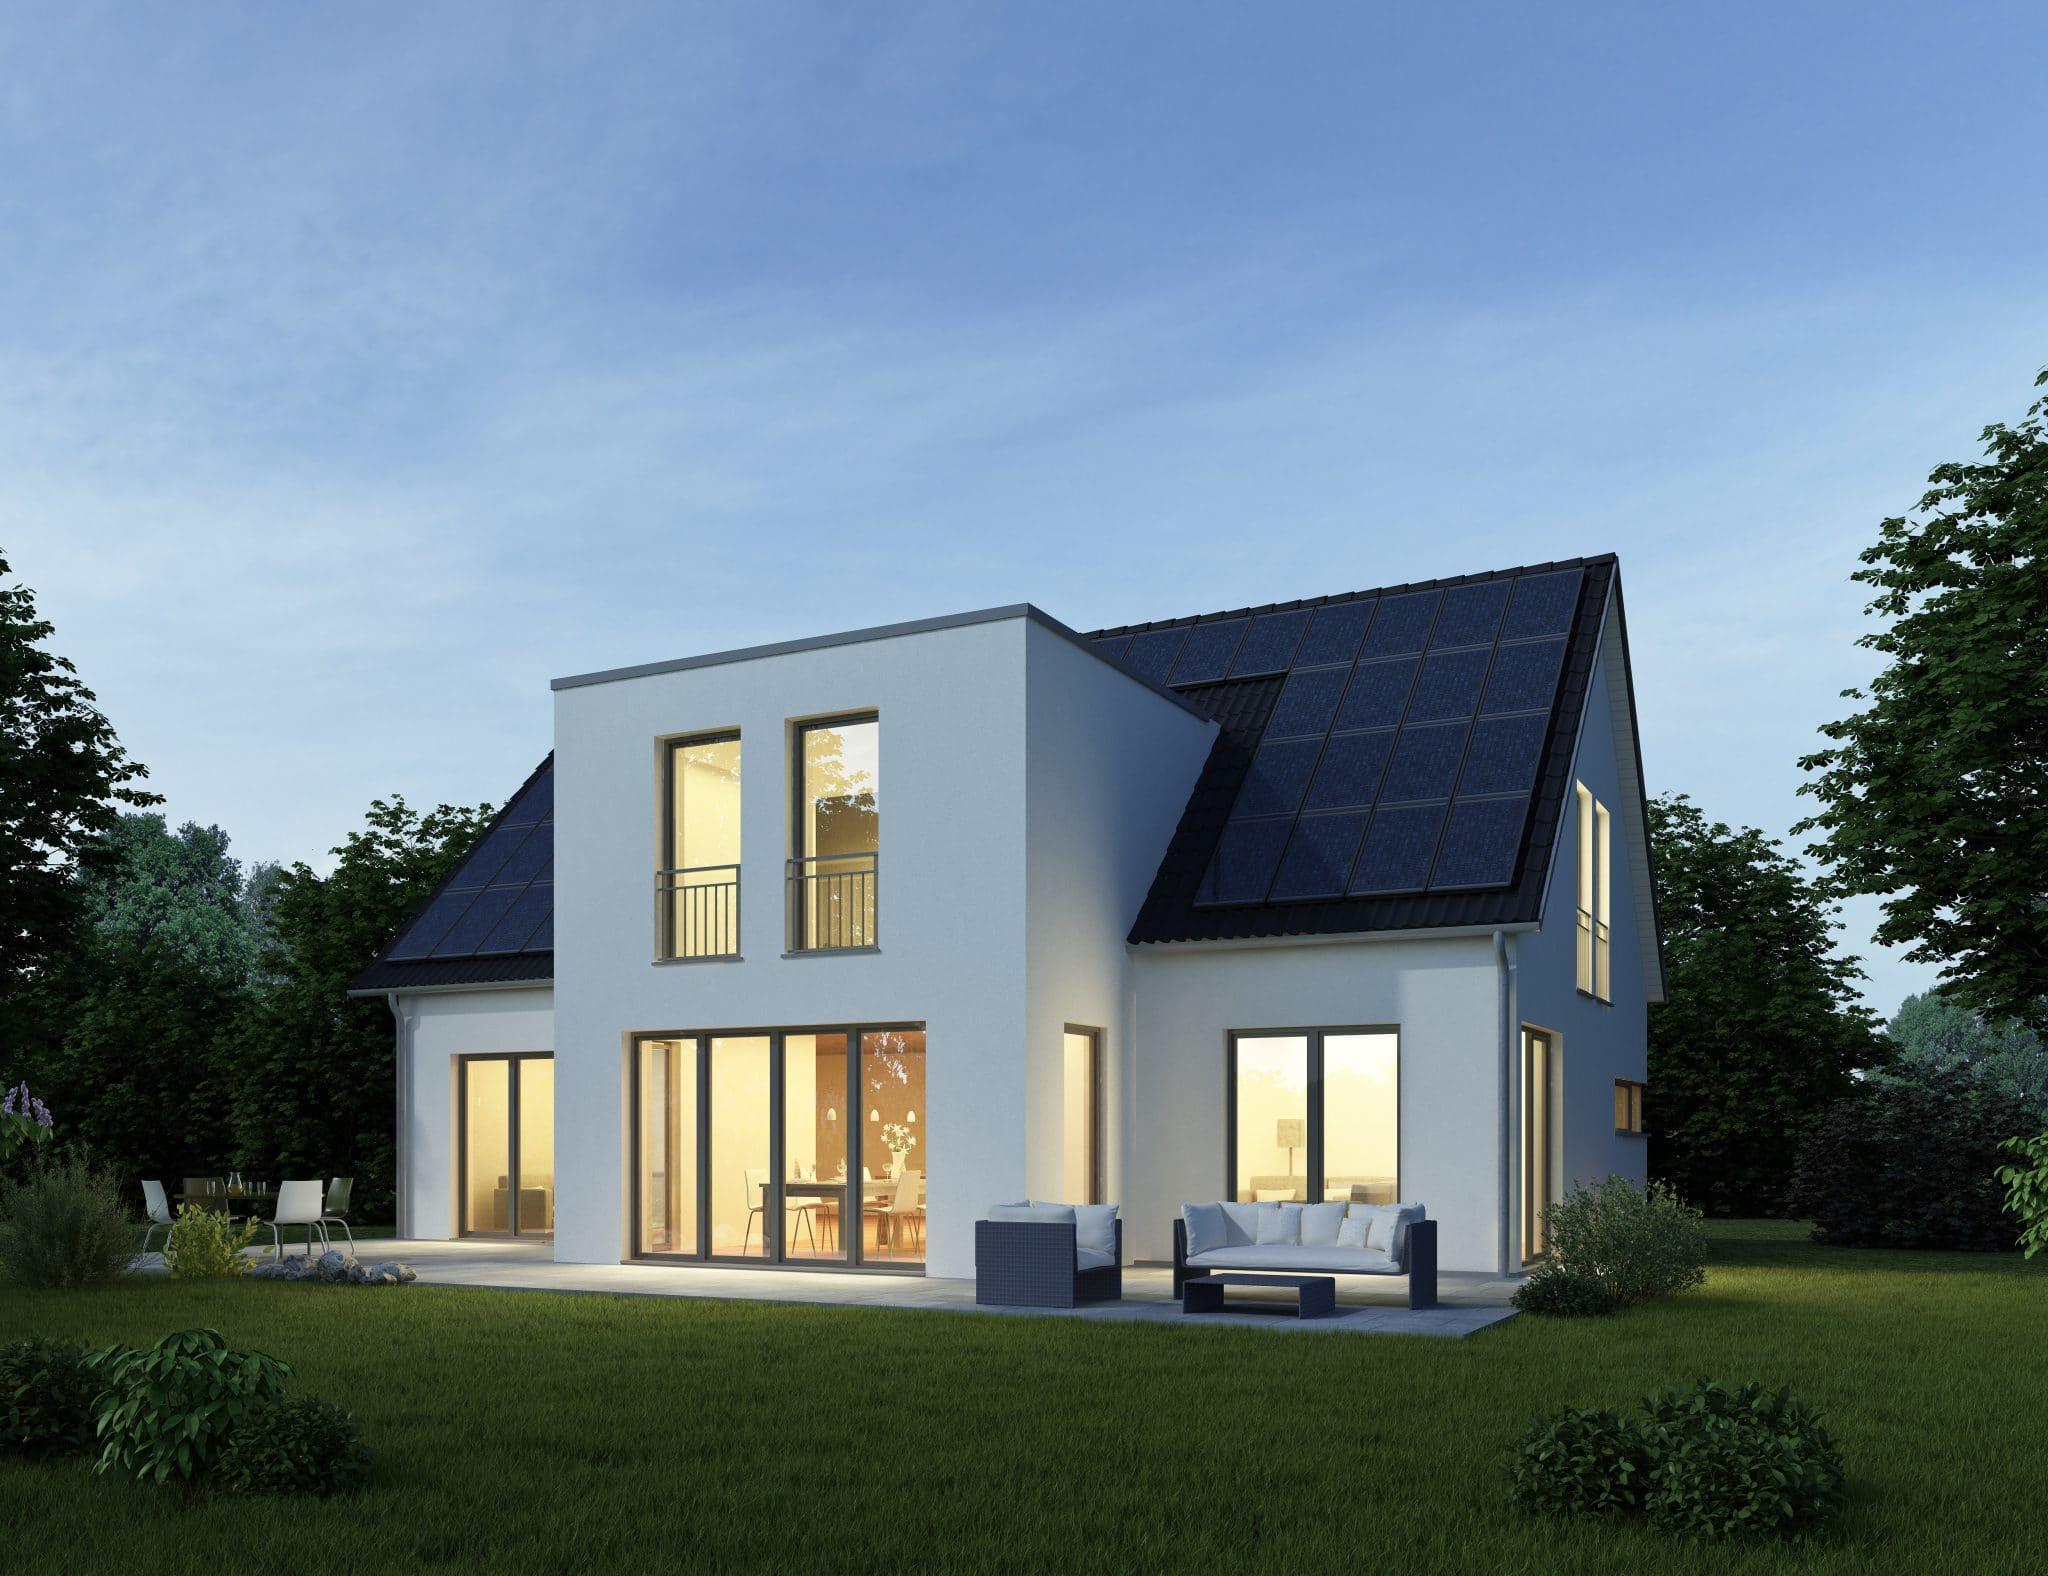 Extension de maison cube : agrandissement design et moderne